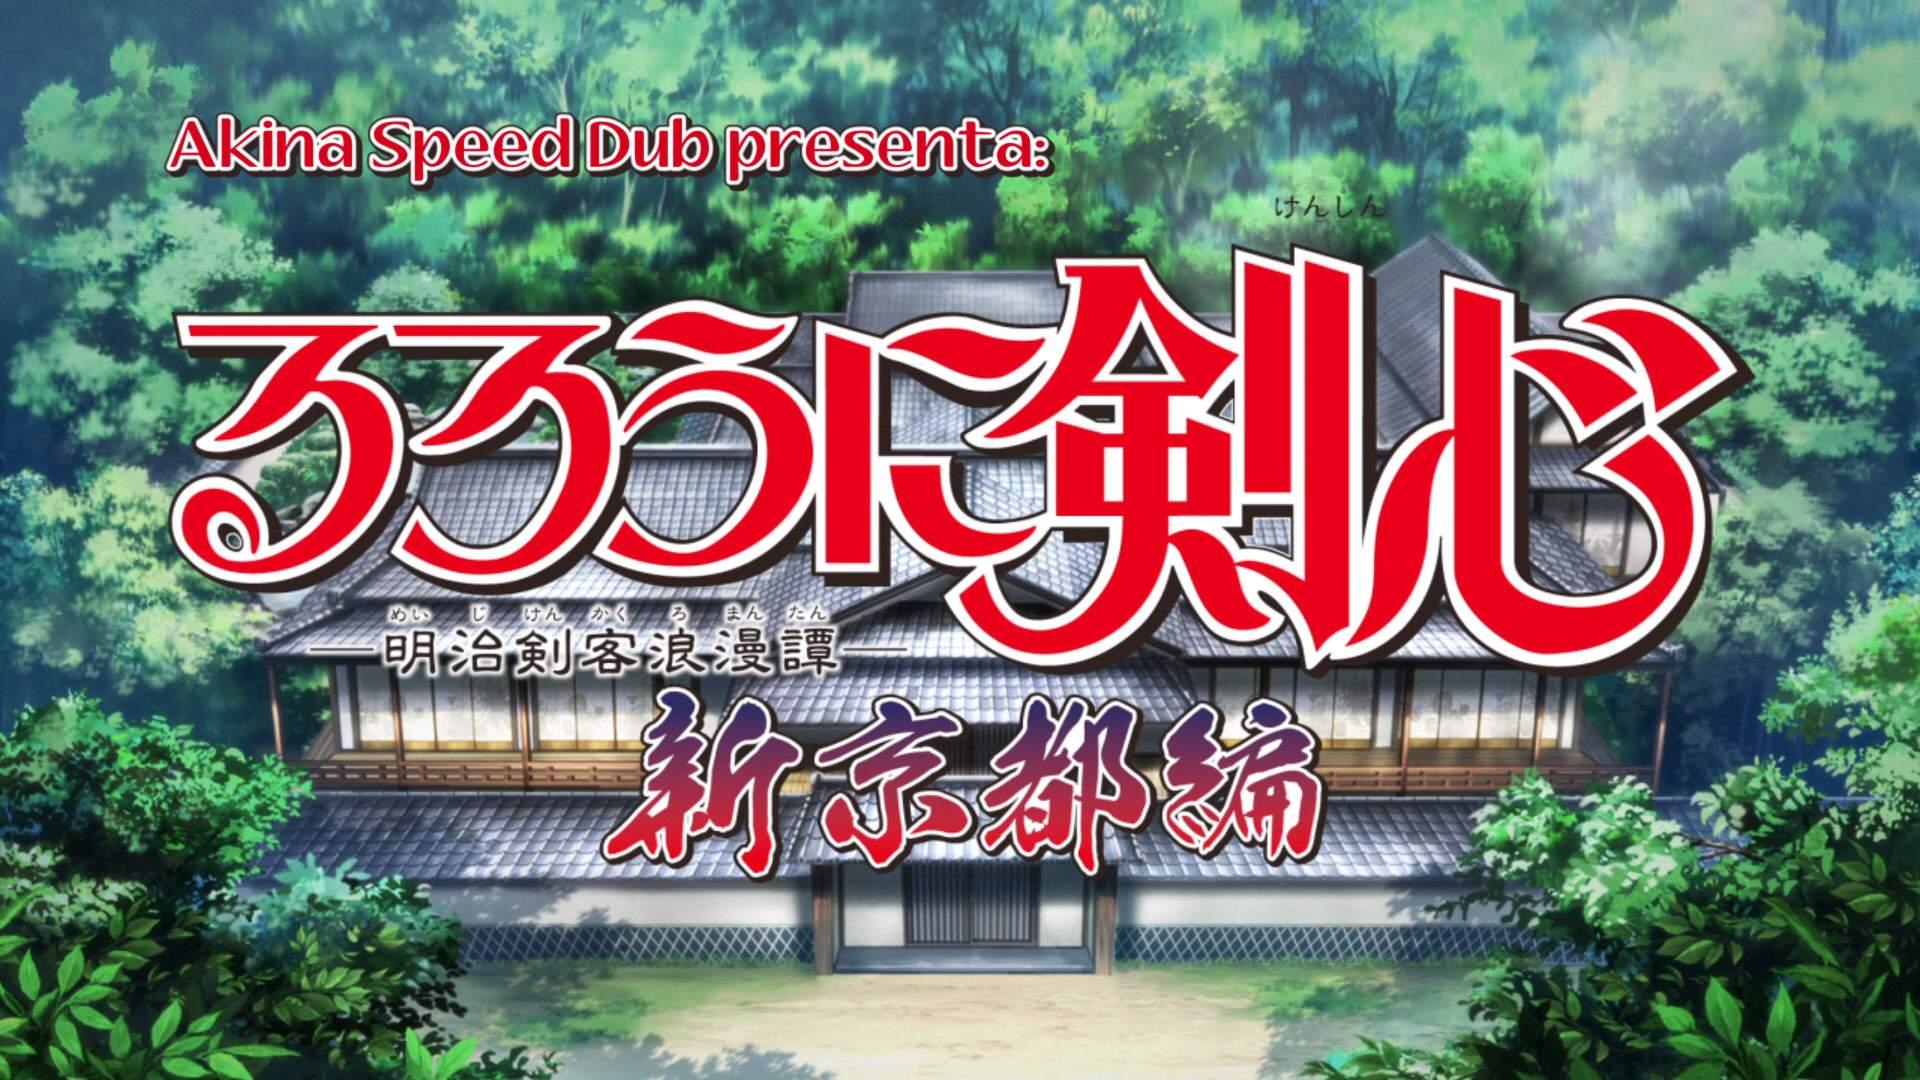 Rurouni Kenshin - Meiji kenkaku Romantan - Shin Kyoto Hen